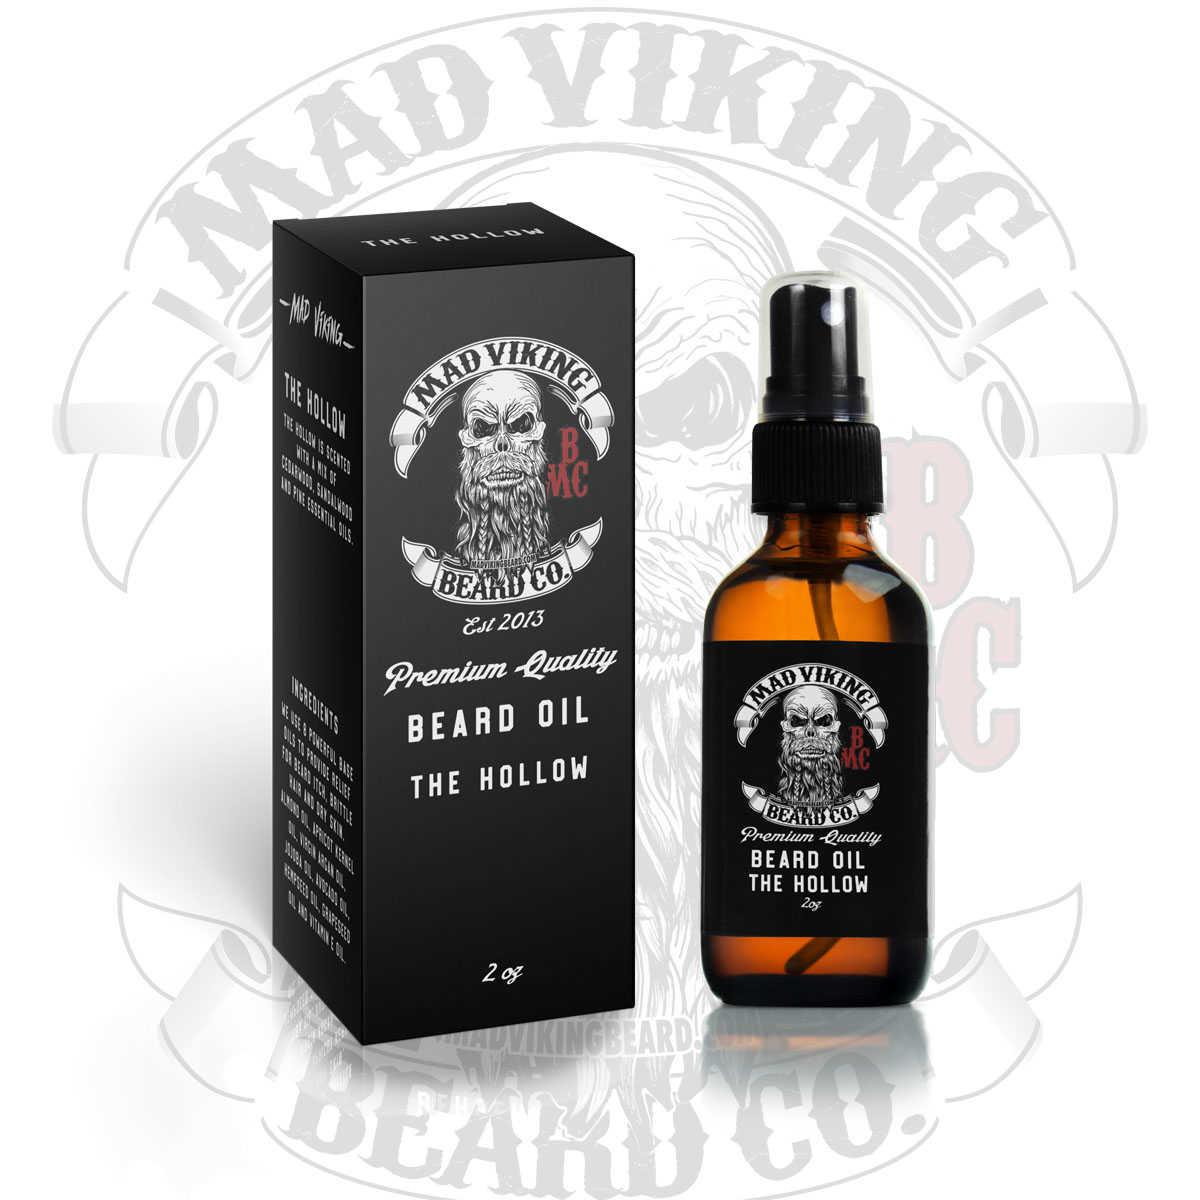 The Hollow Beard Oil 2oz